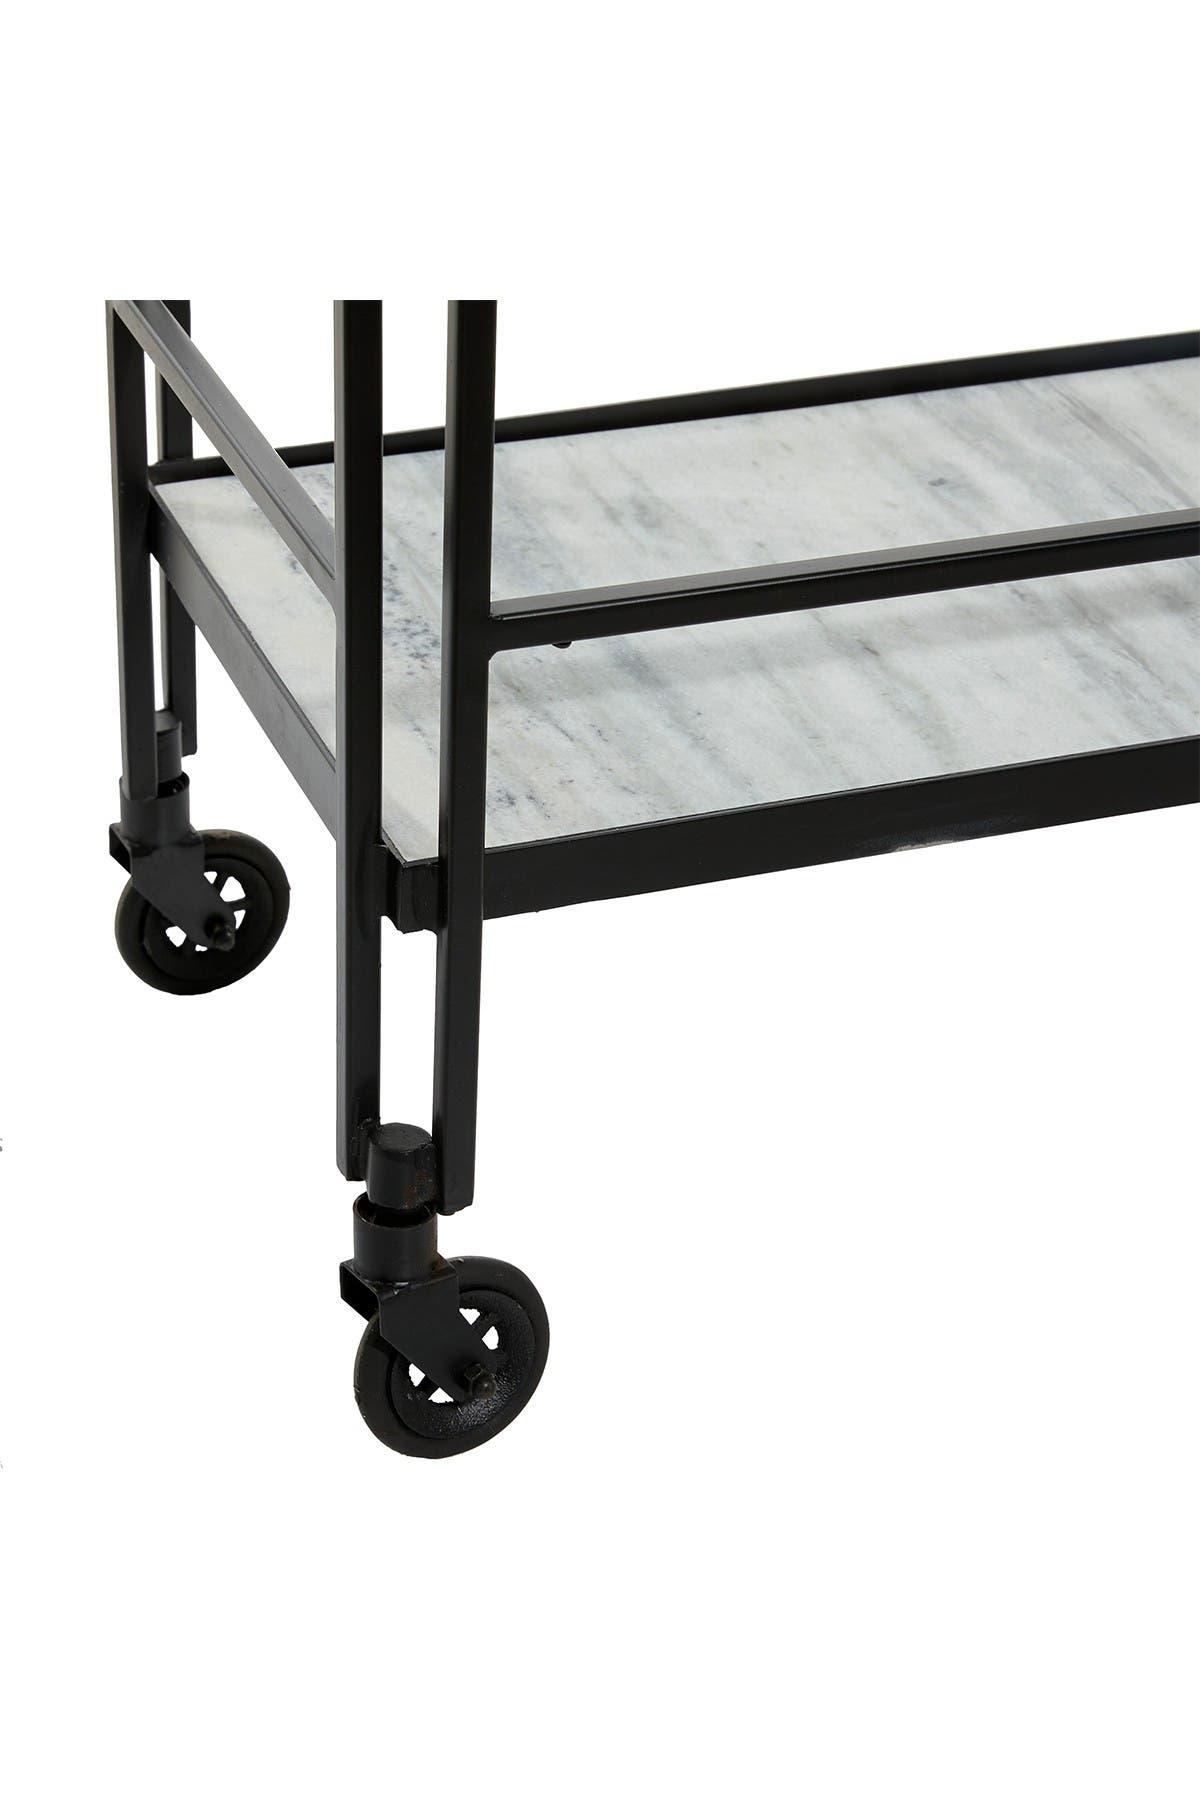 Image of Willow Row Rectangular Metal Bar Cart